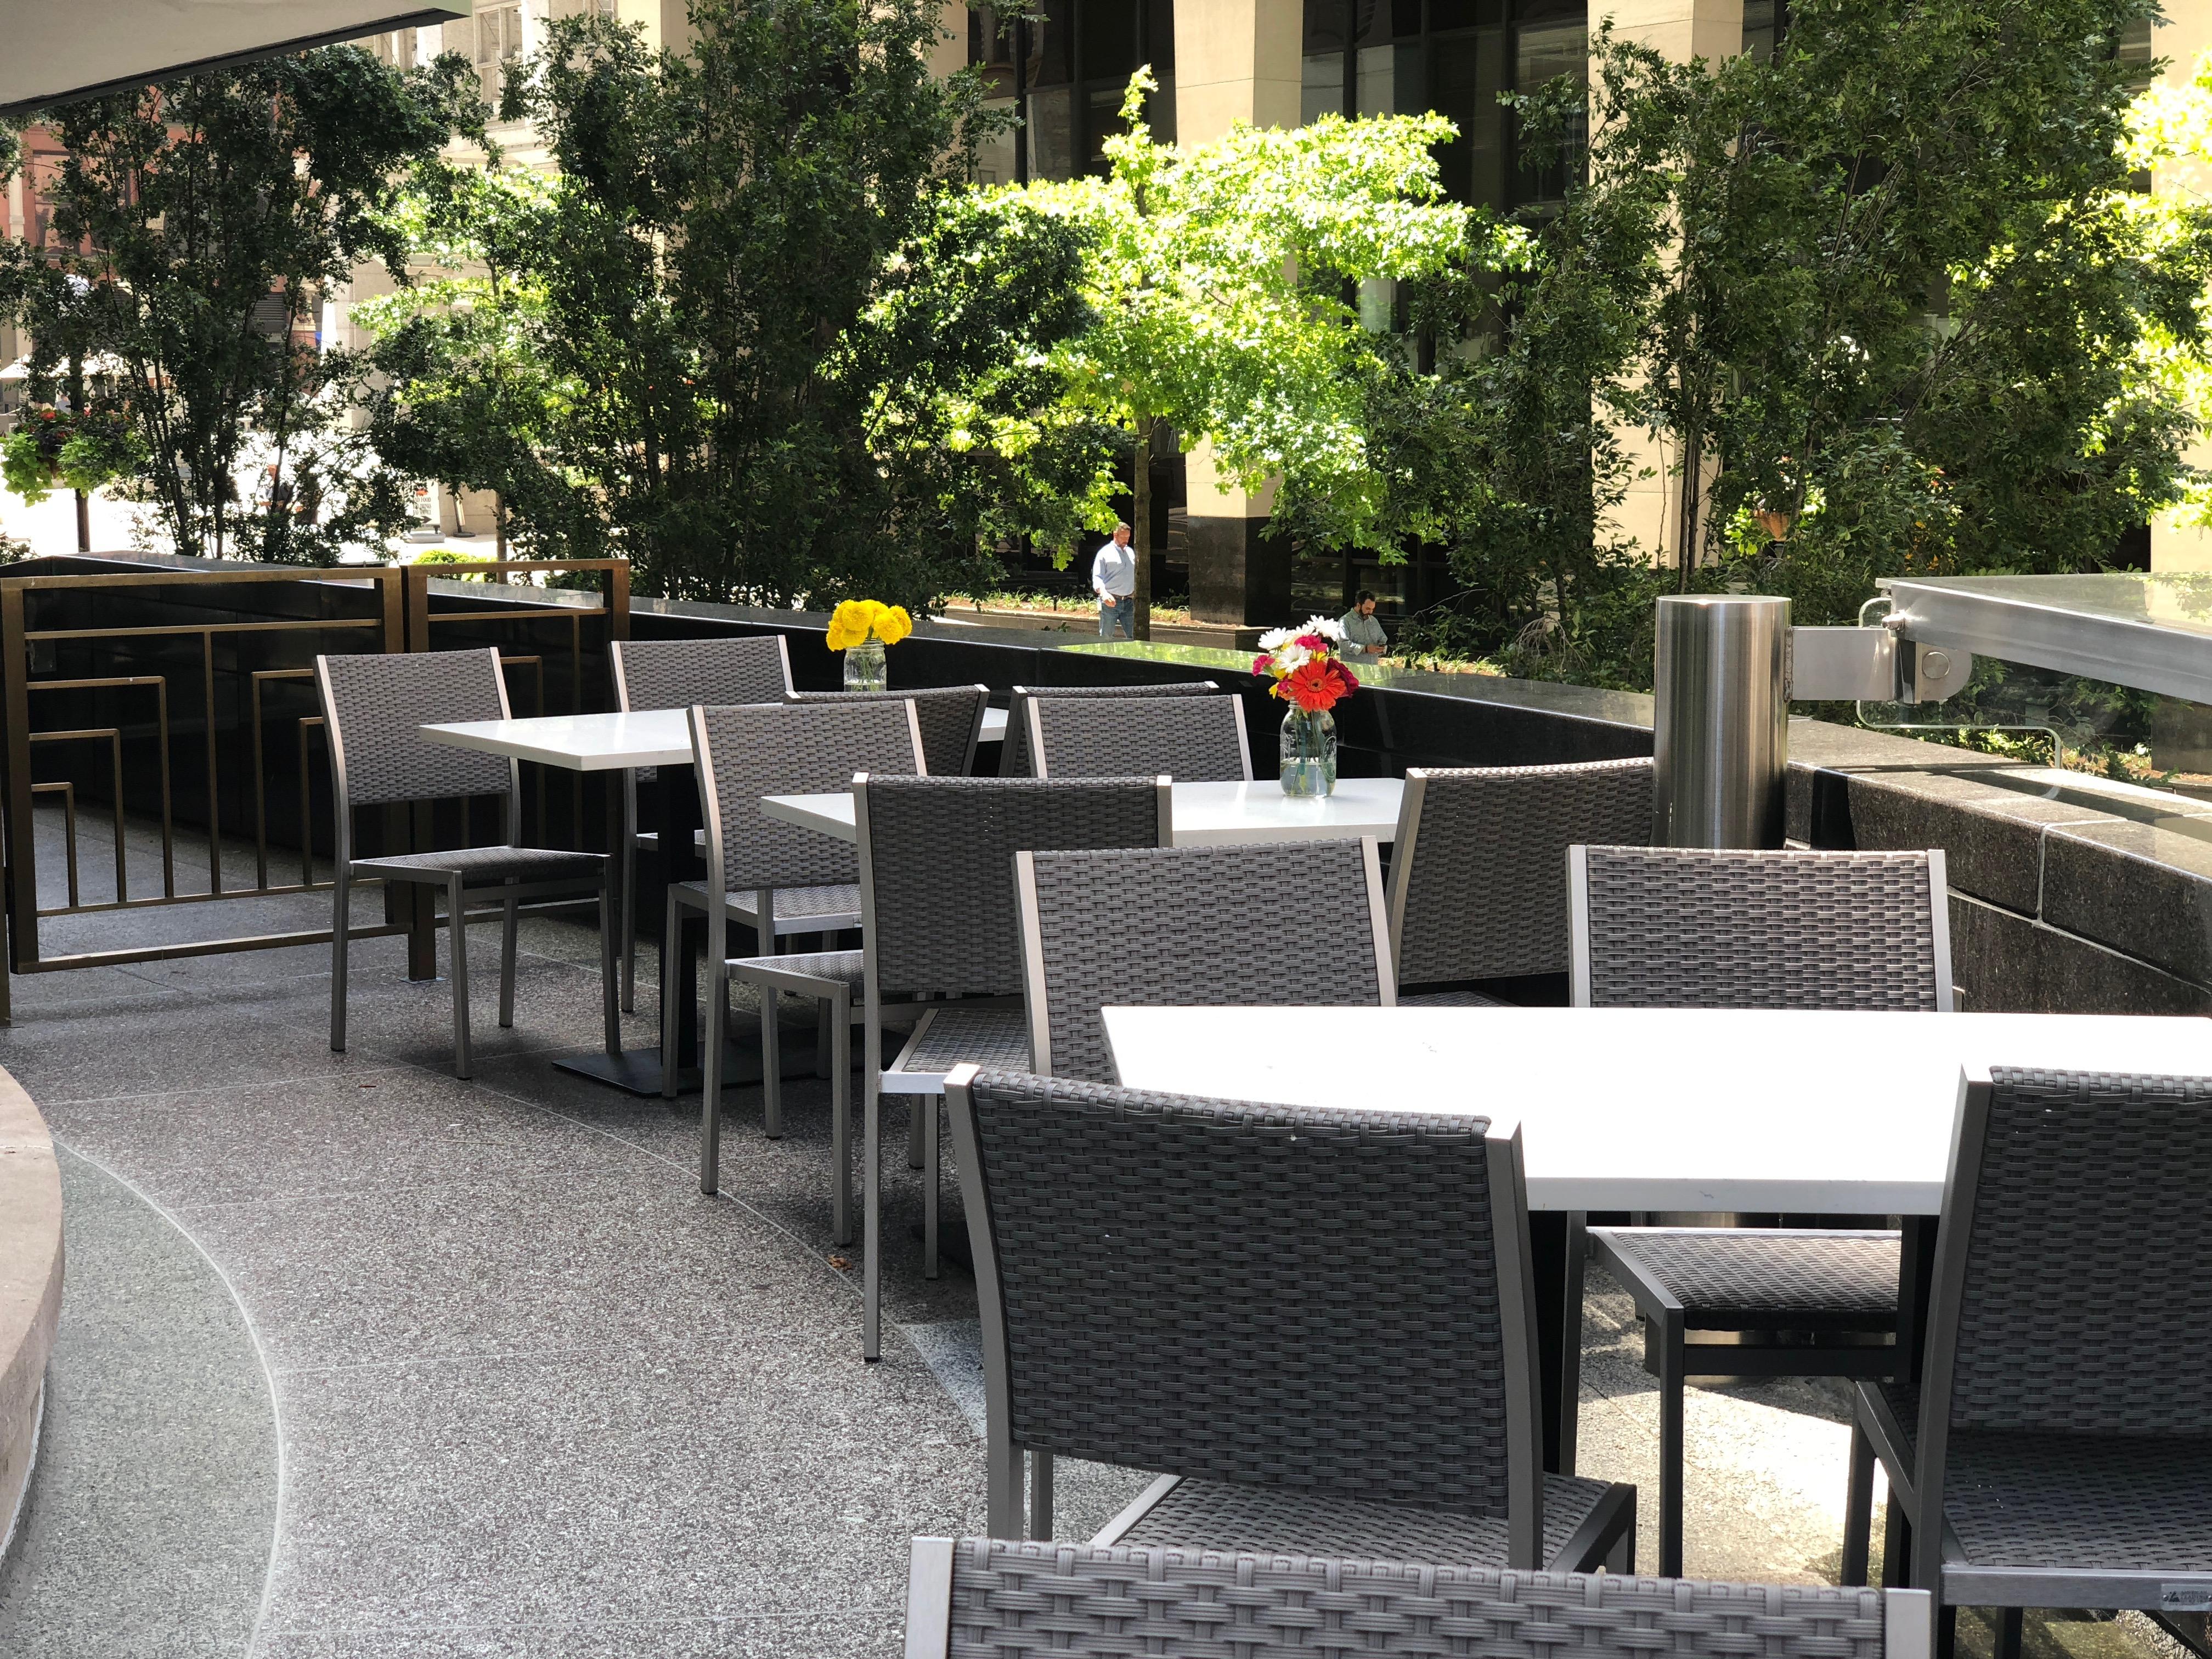 Deacon's New South patio